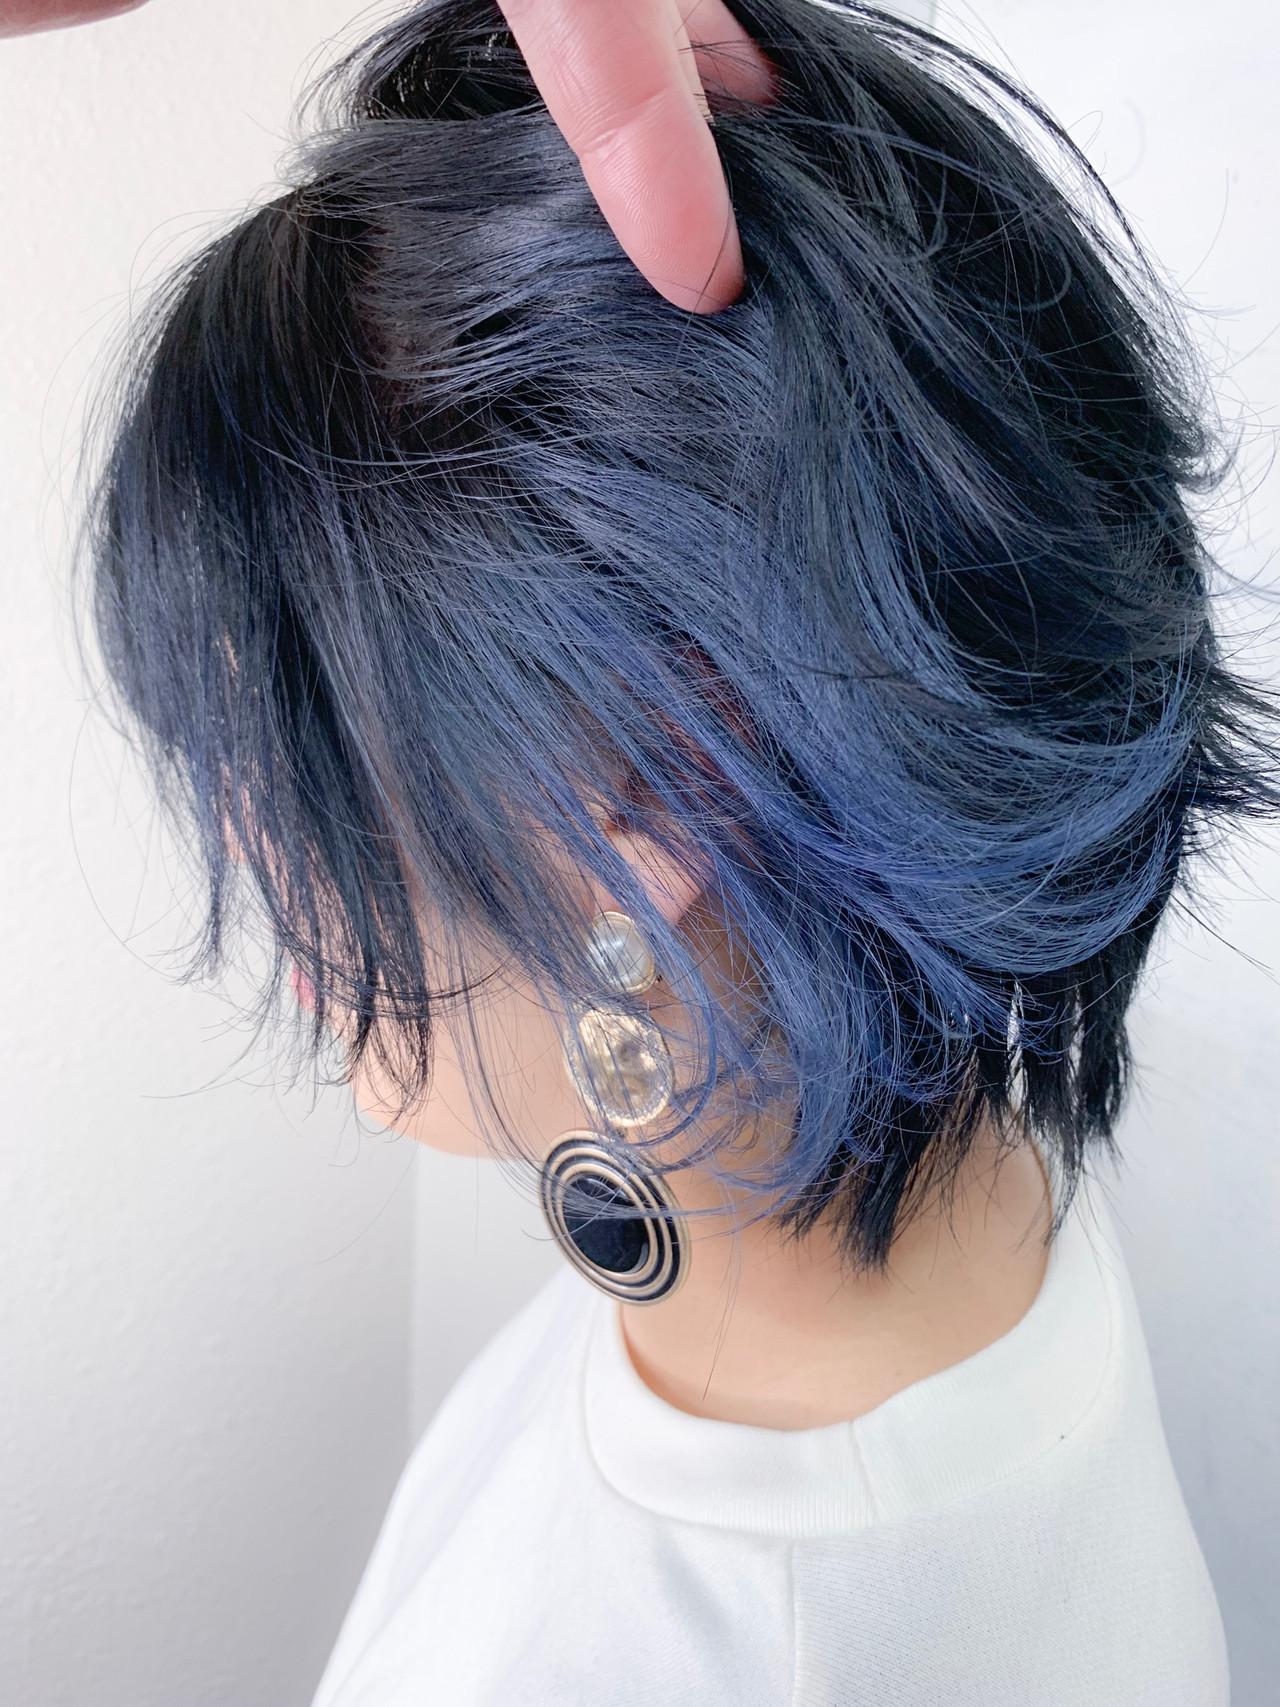 すっきり見せの青をプラスしたインナーカラーヘア 宇都宮 弘樹 Natu.南堀江カラーリスト